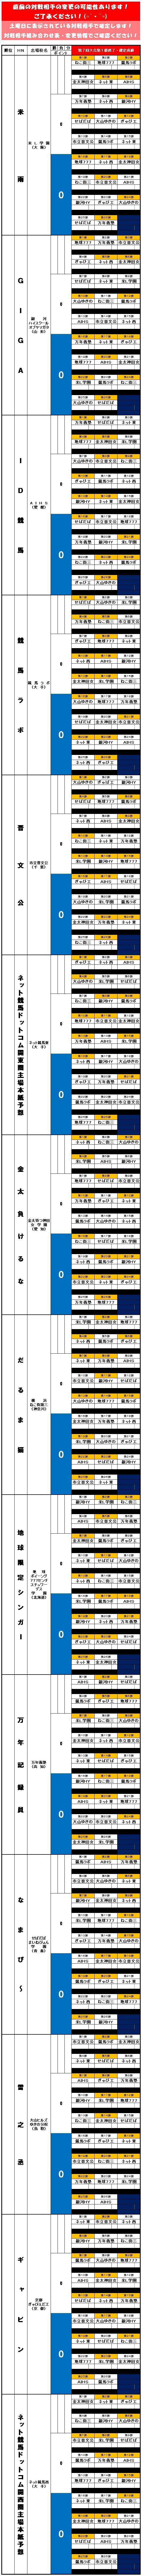 20150615・ダルマンリーグ第1節試合前成績表.jpg